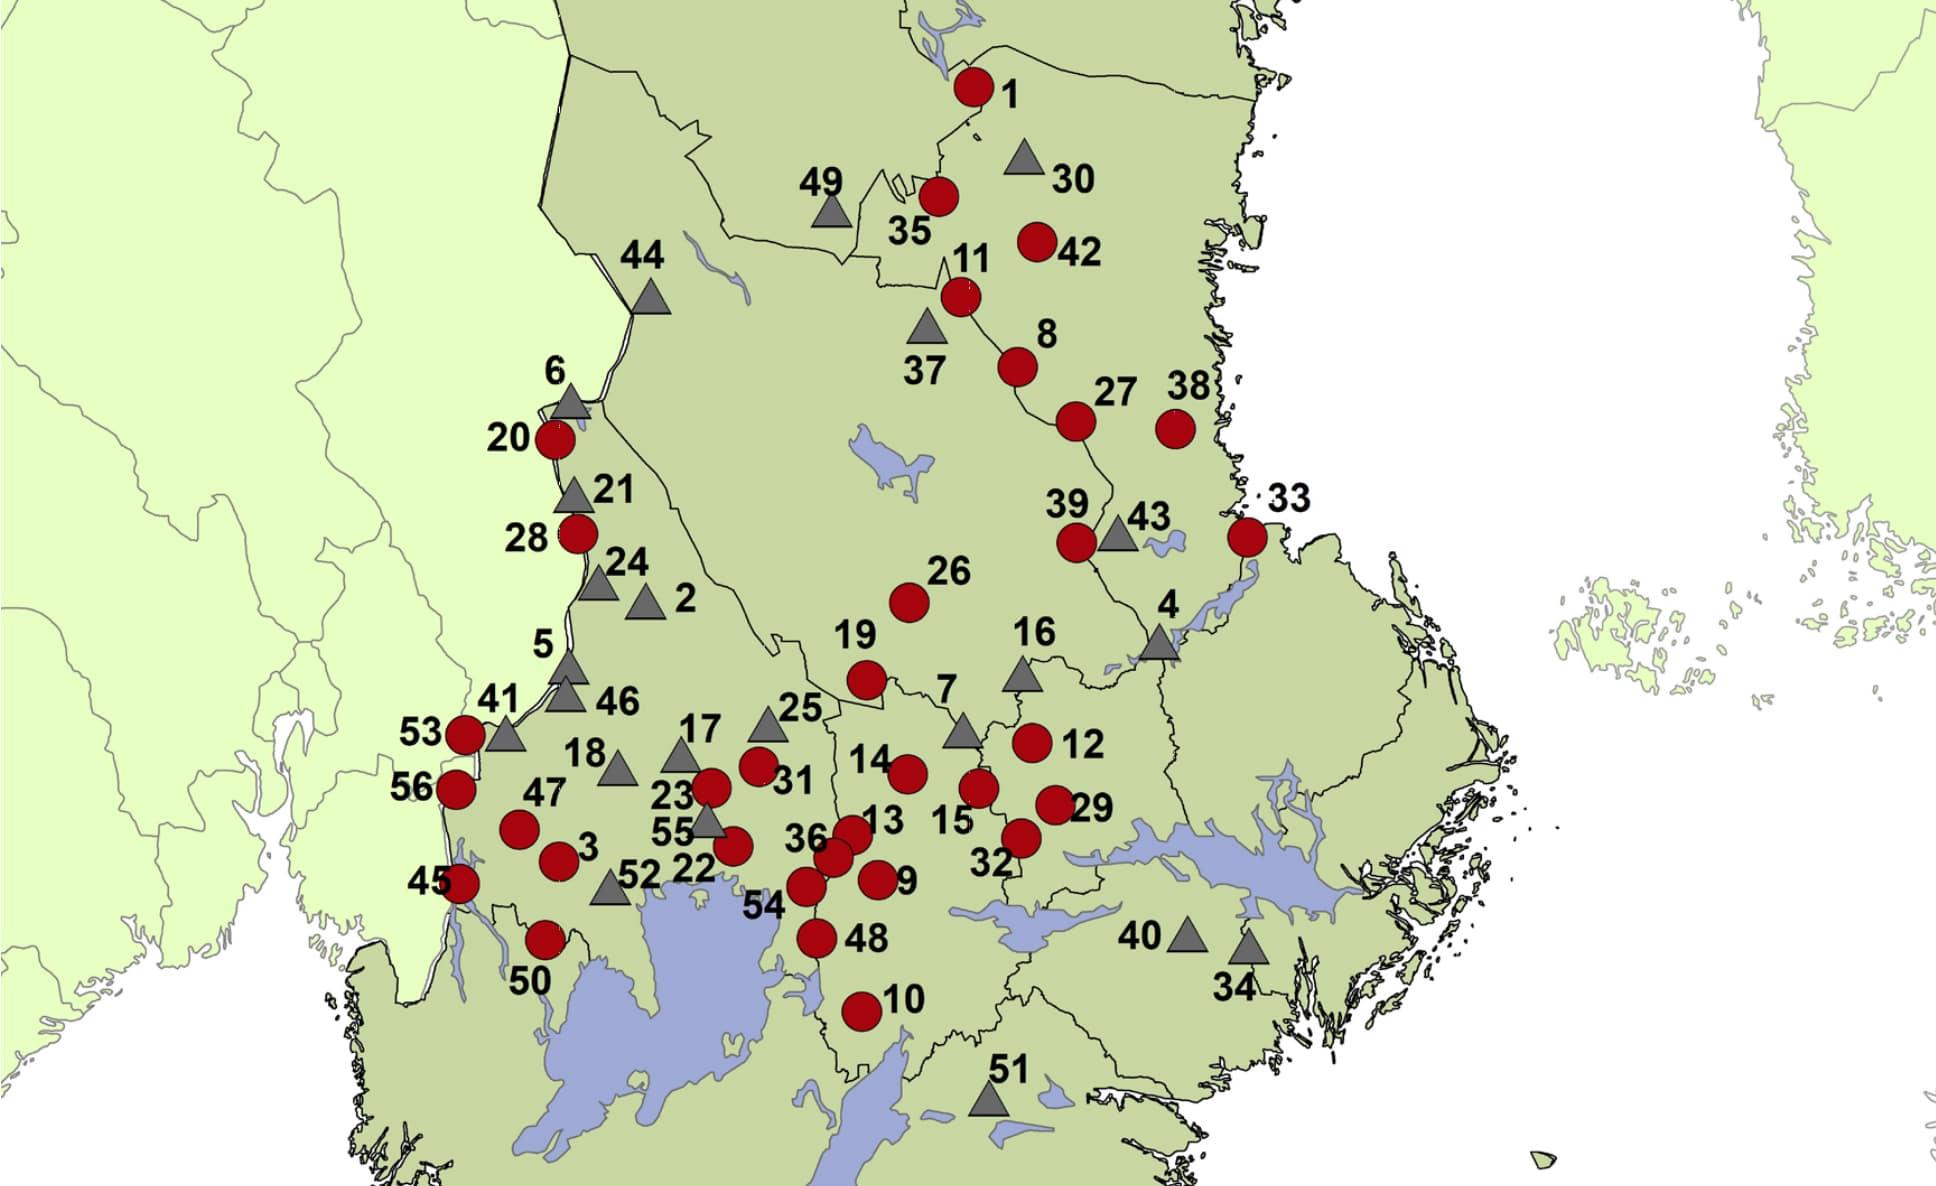 Familjegrupper av varg visas som prick på kartan och revirmarkerande par som triangel. Källa: Viltskadecenter